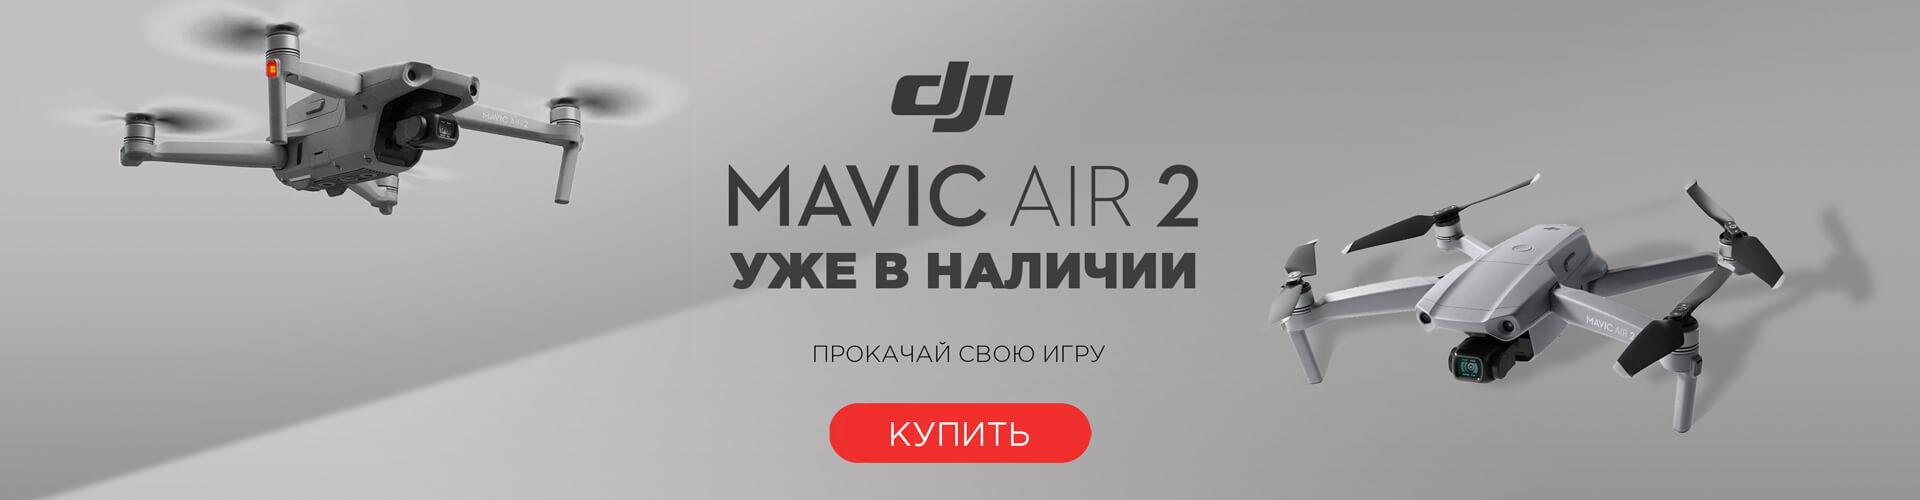 Banner Mavic Air 2